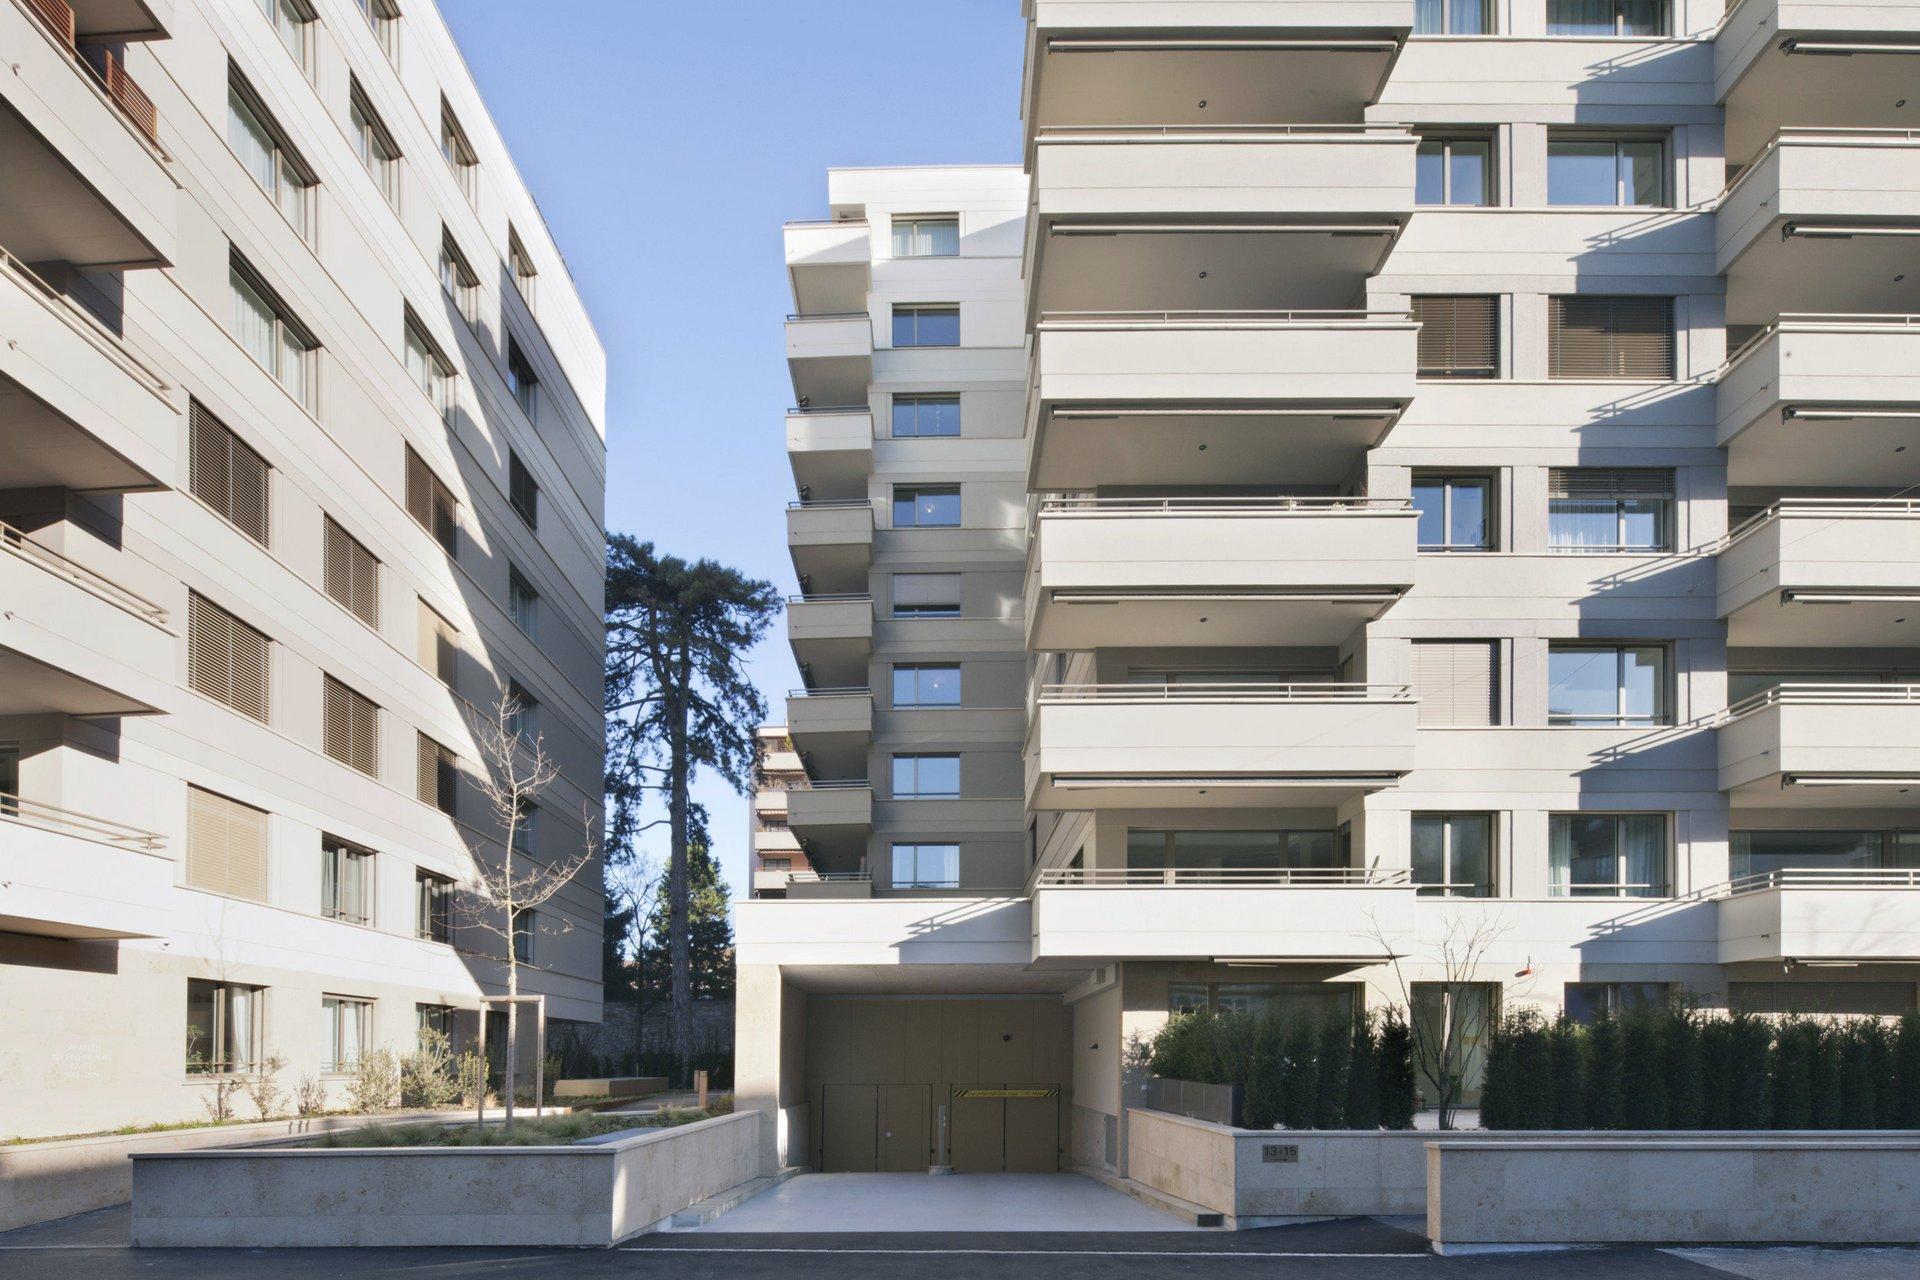 2 mehrstöckige Wohngebäude in gleichem Stil mit herausstehendem Balkon